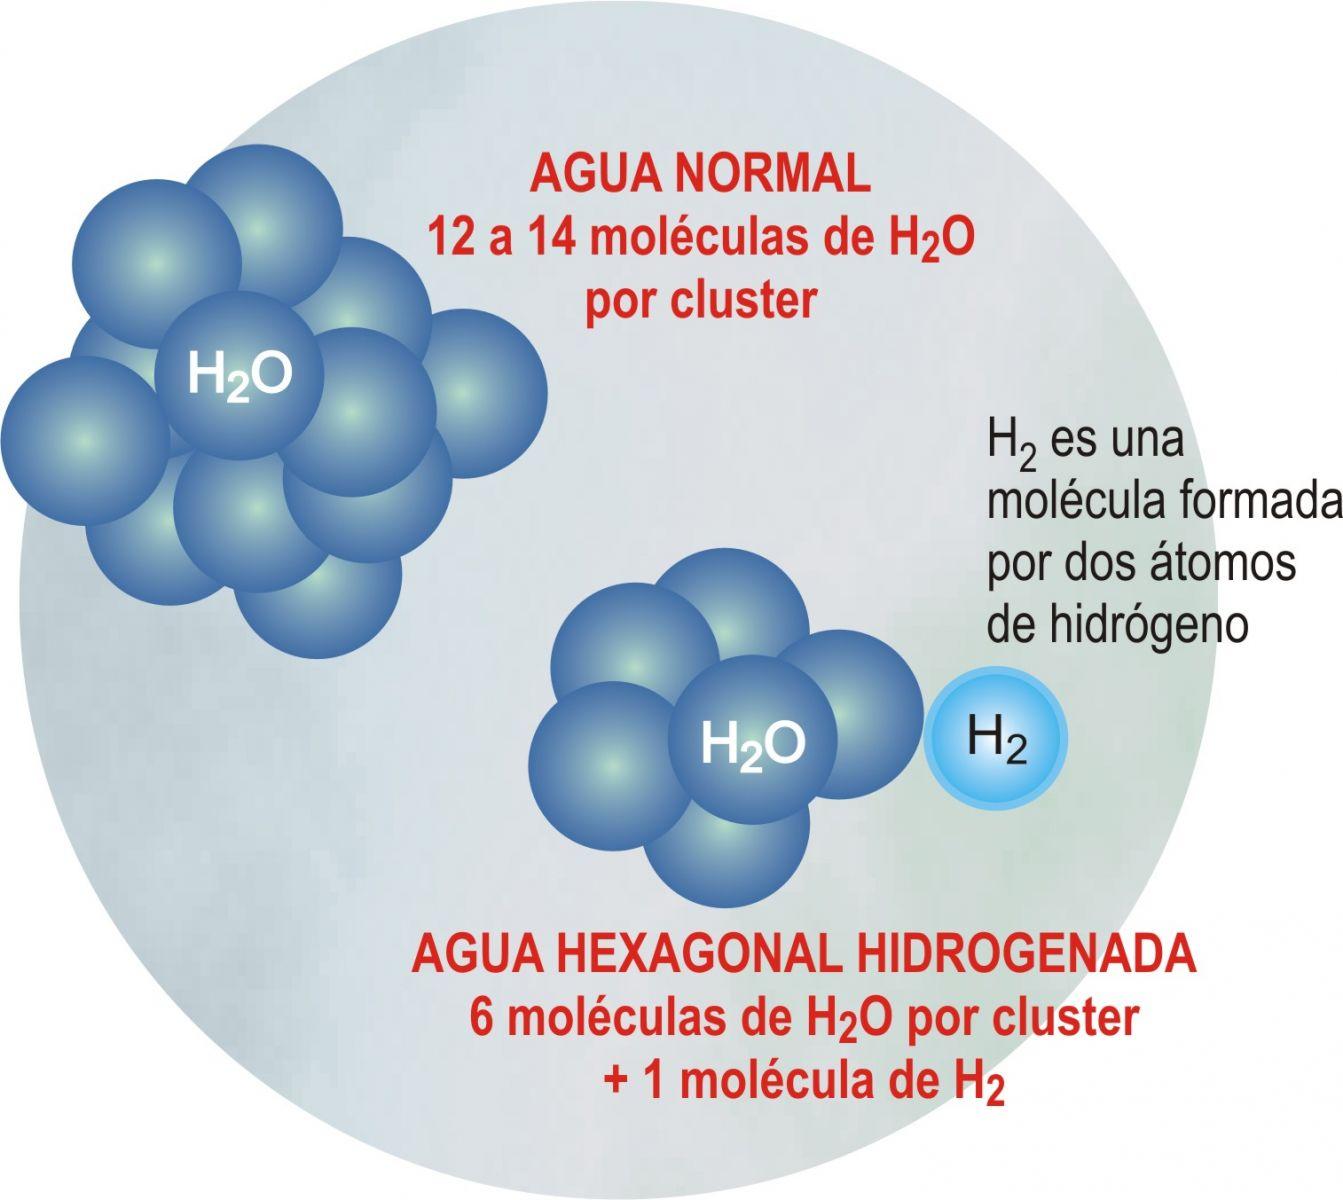 Water Hydrogenated Benefits  Hydrogen  Hydrogenated water